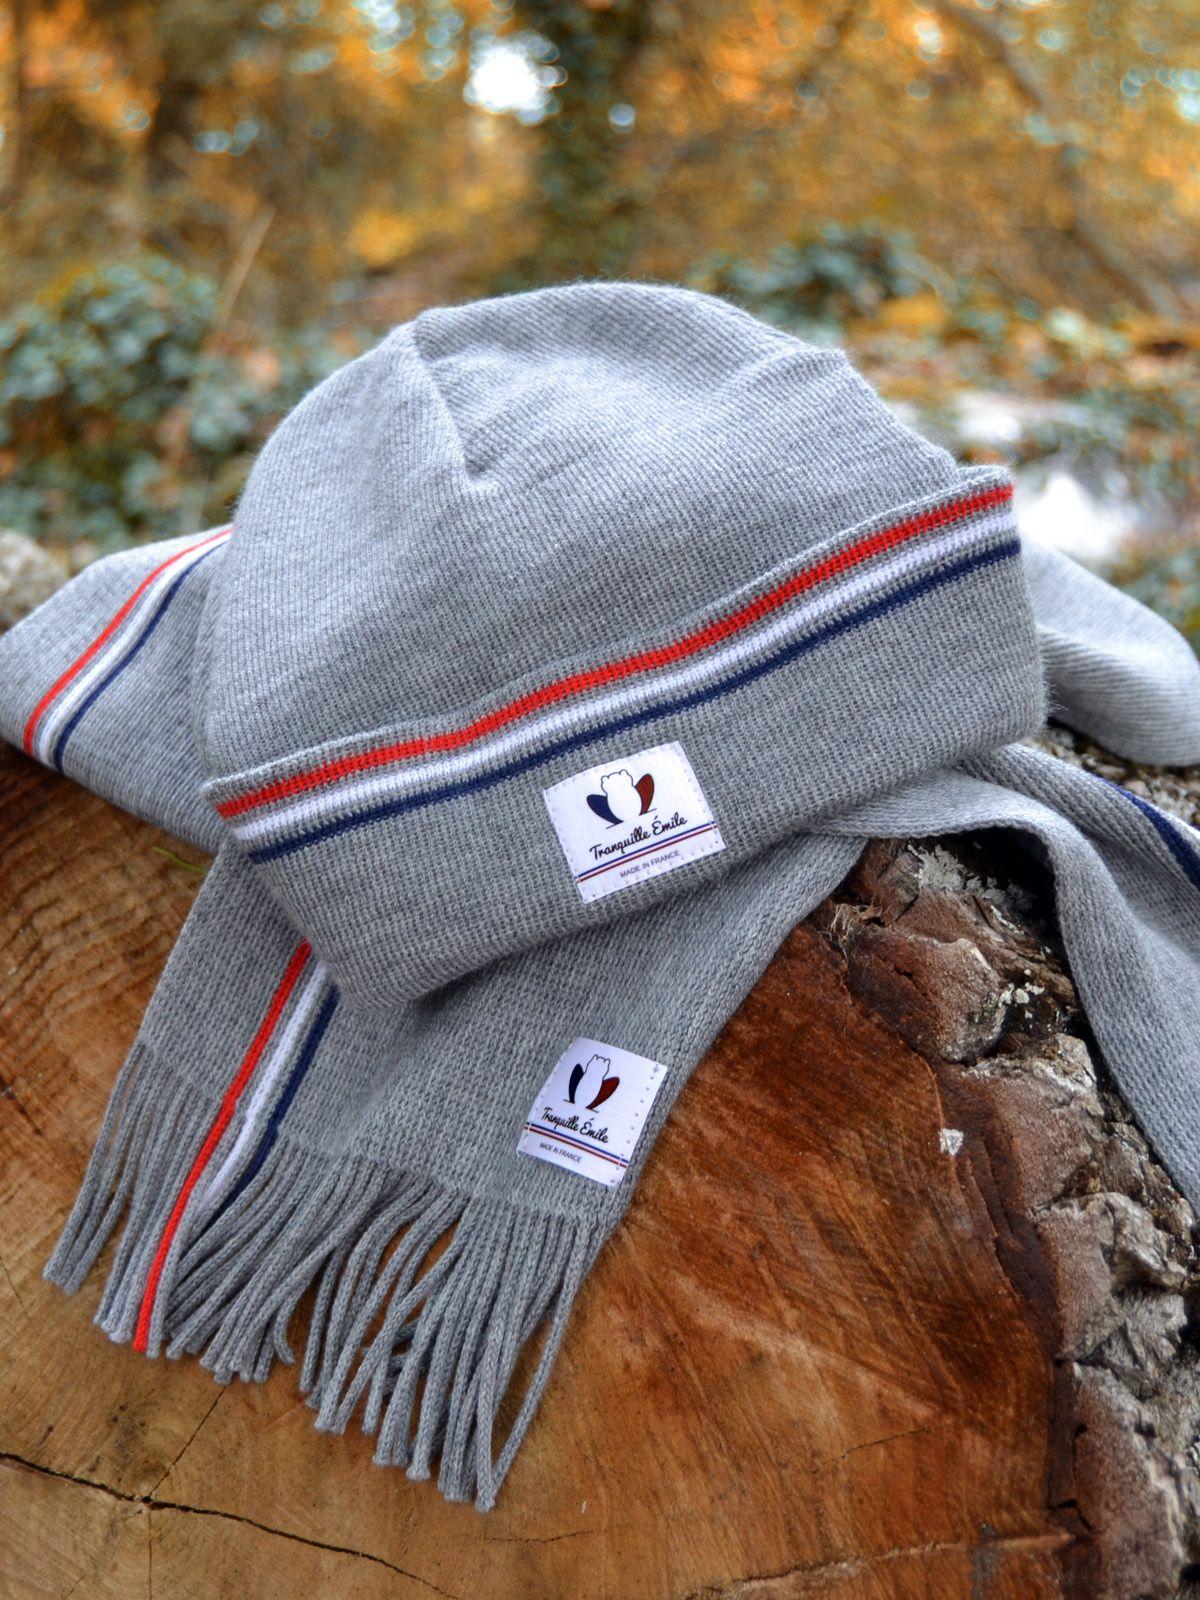 bonnet-echarpe-made-in-france-tranquille-emile